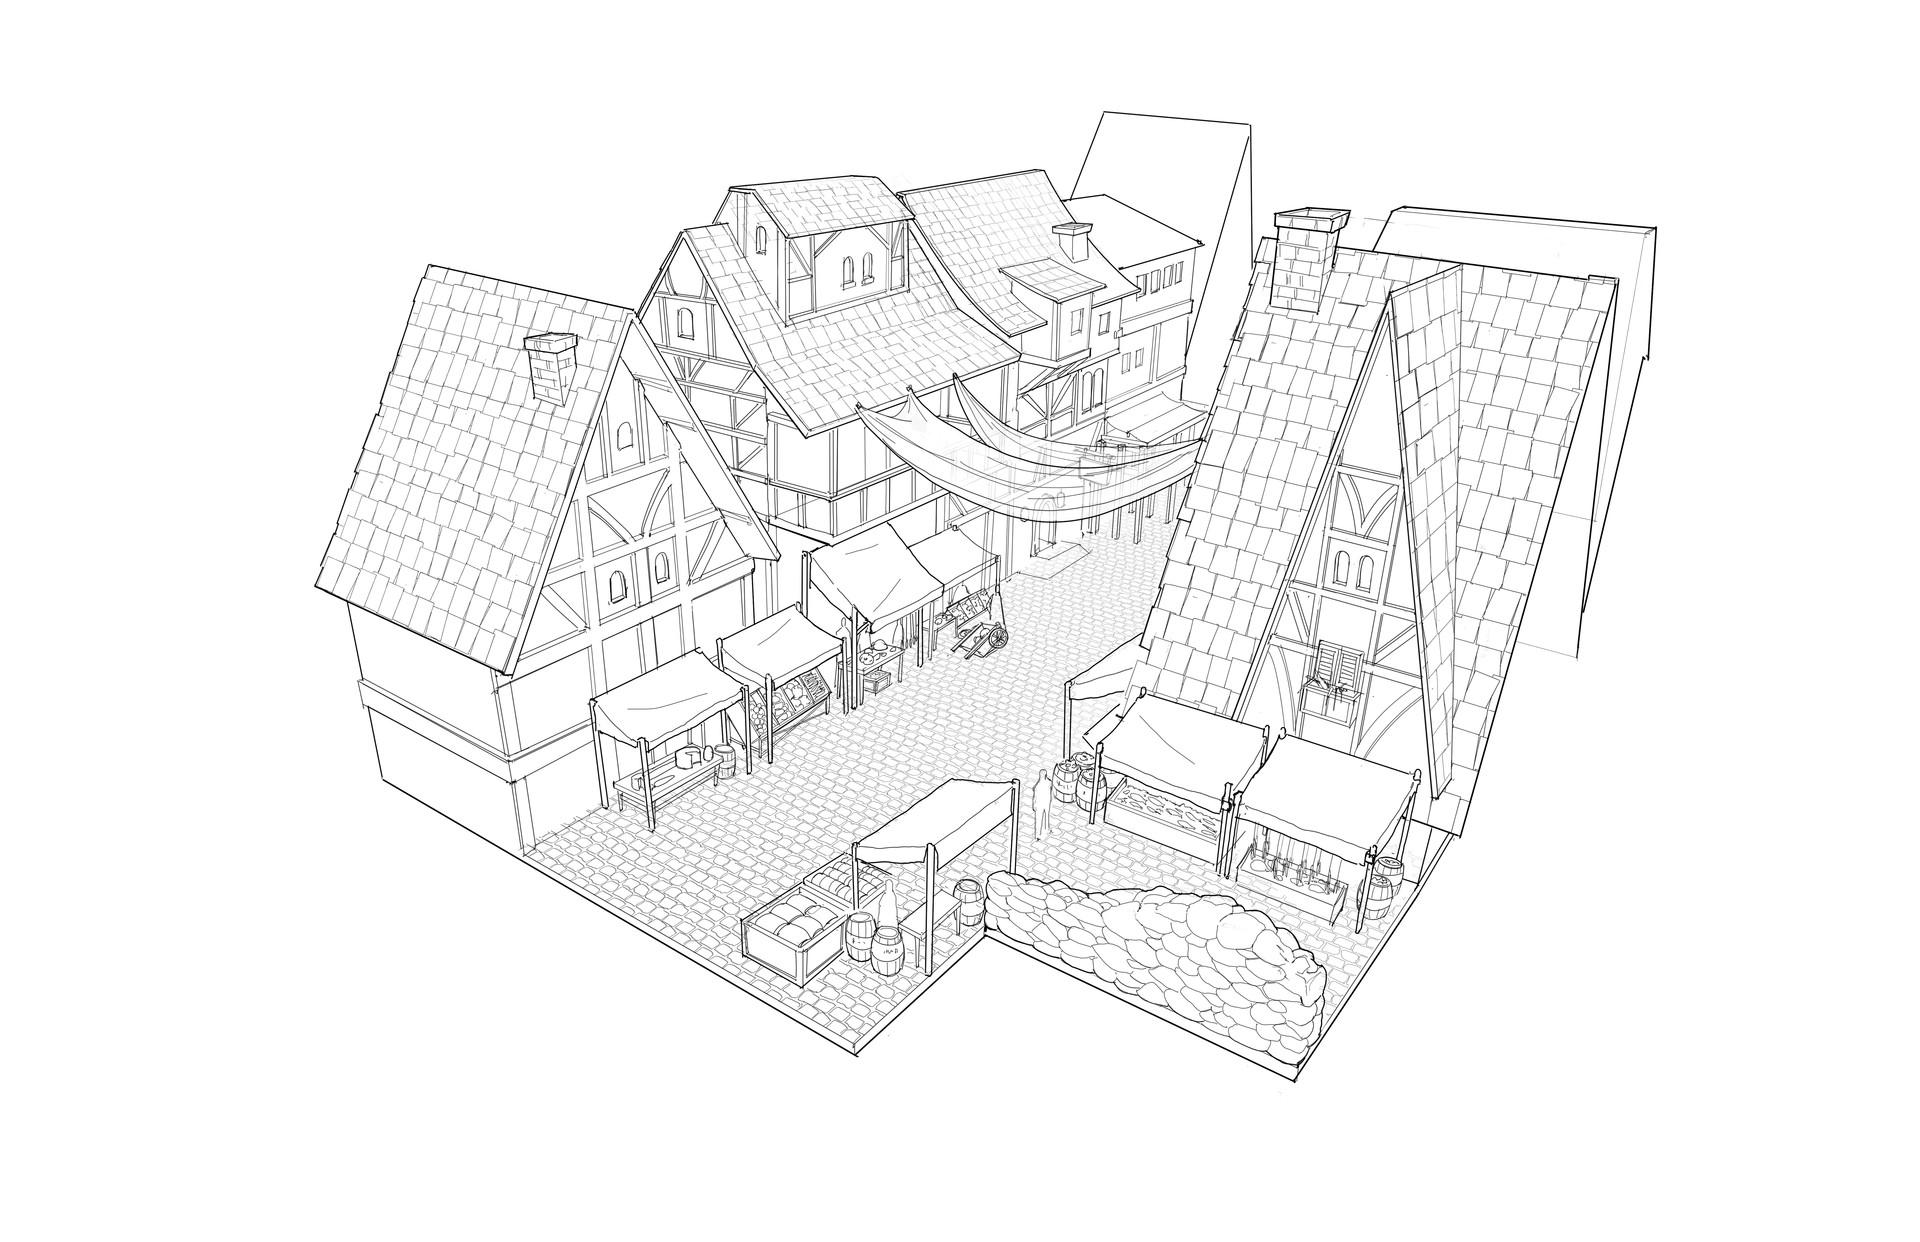 paul-chang-entdesign1-pchang-week8-environmentquarterview-marketv2.jpg